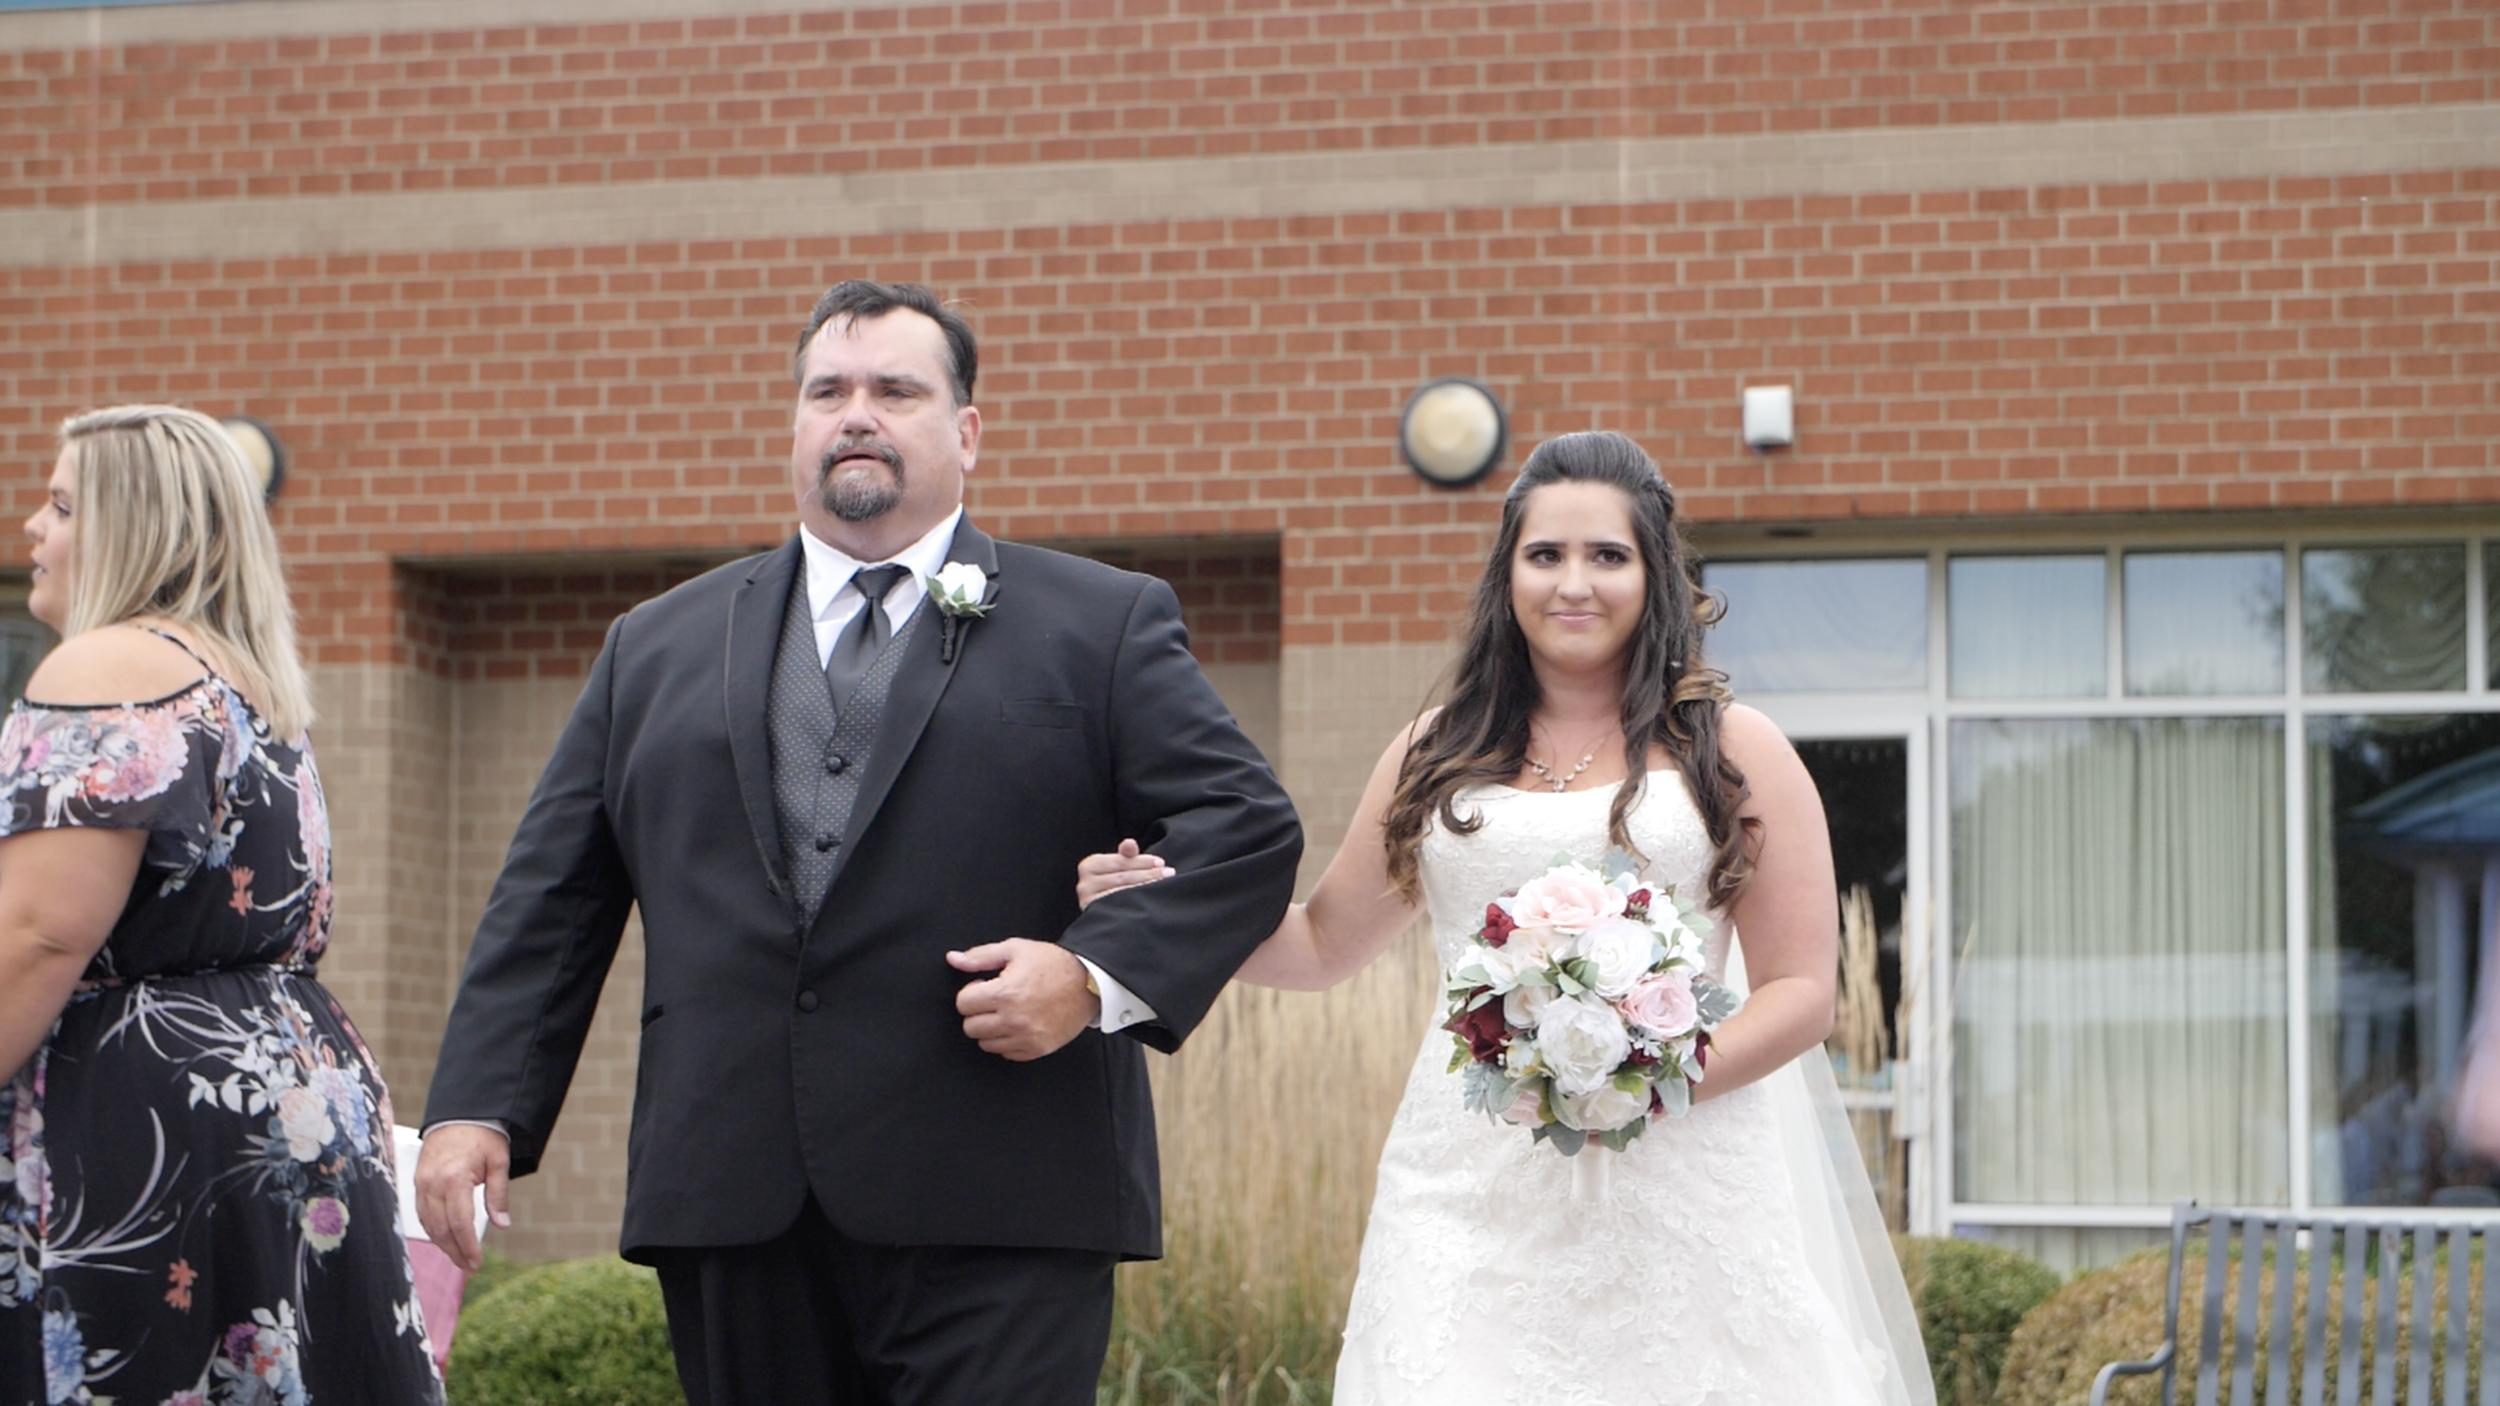 bride dad aisle wedding song outdoor videography